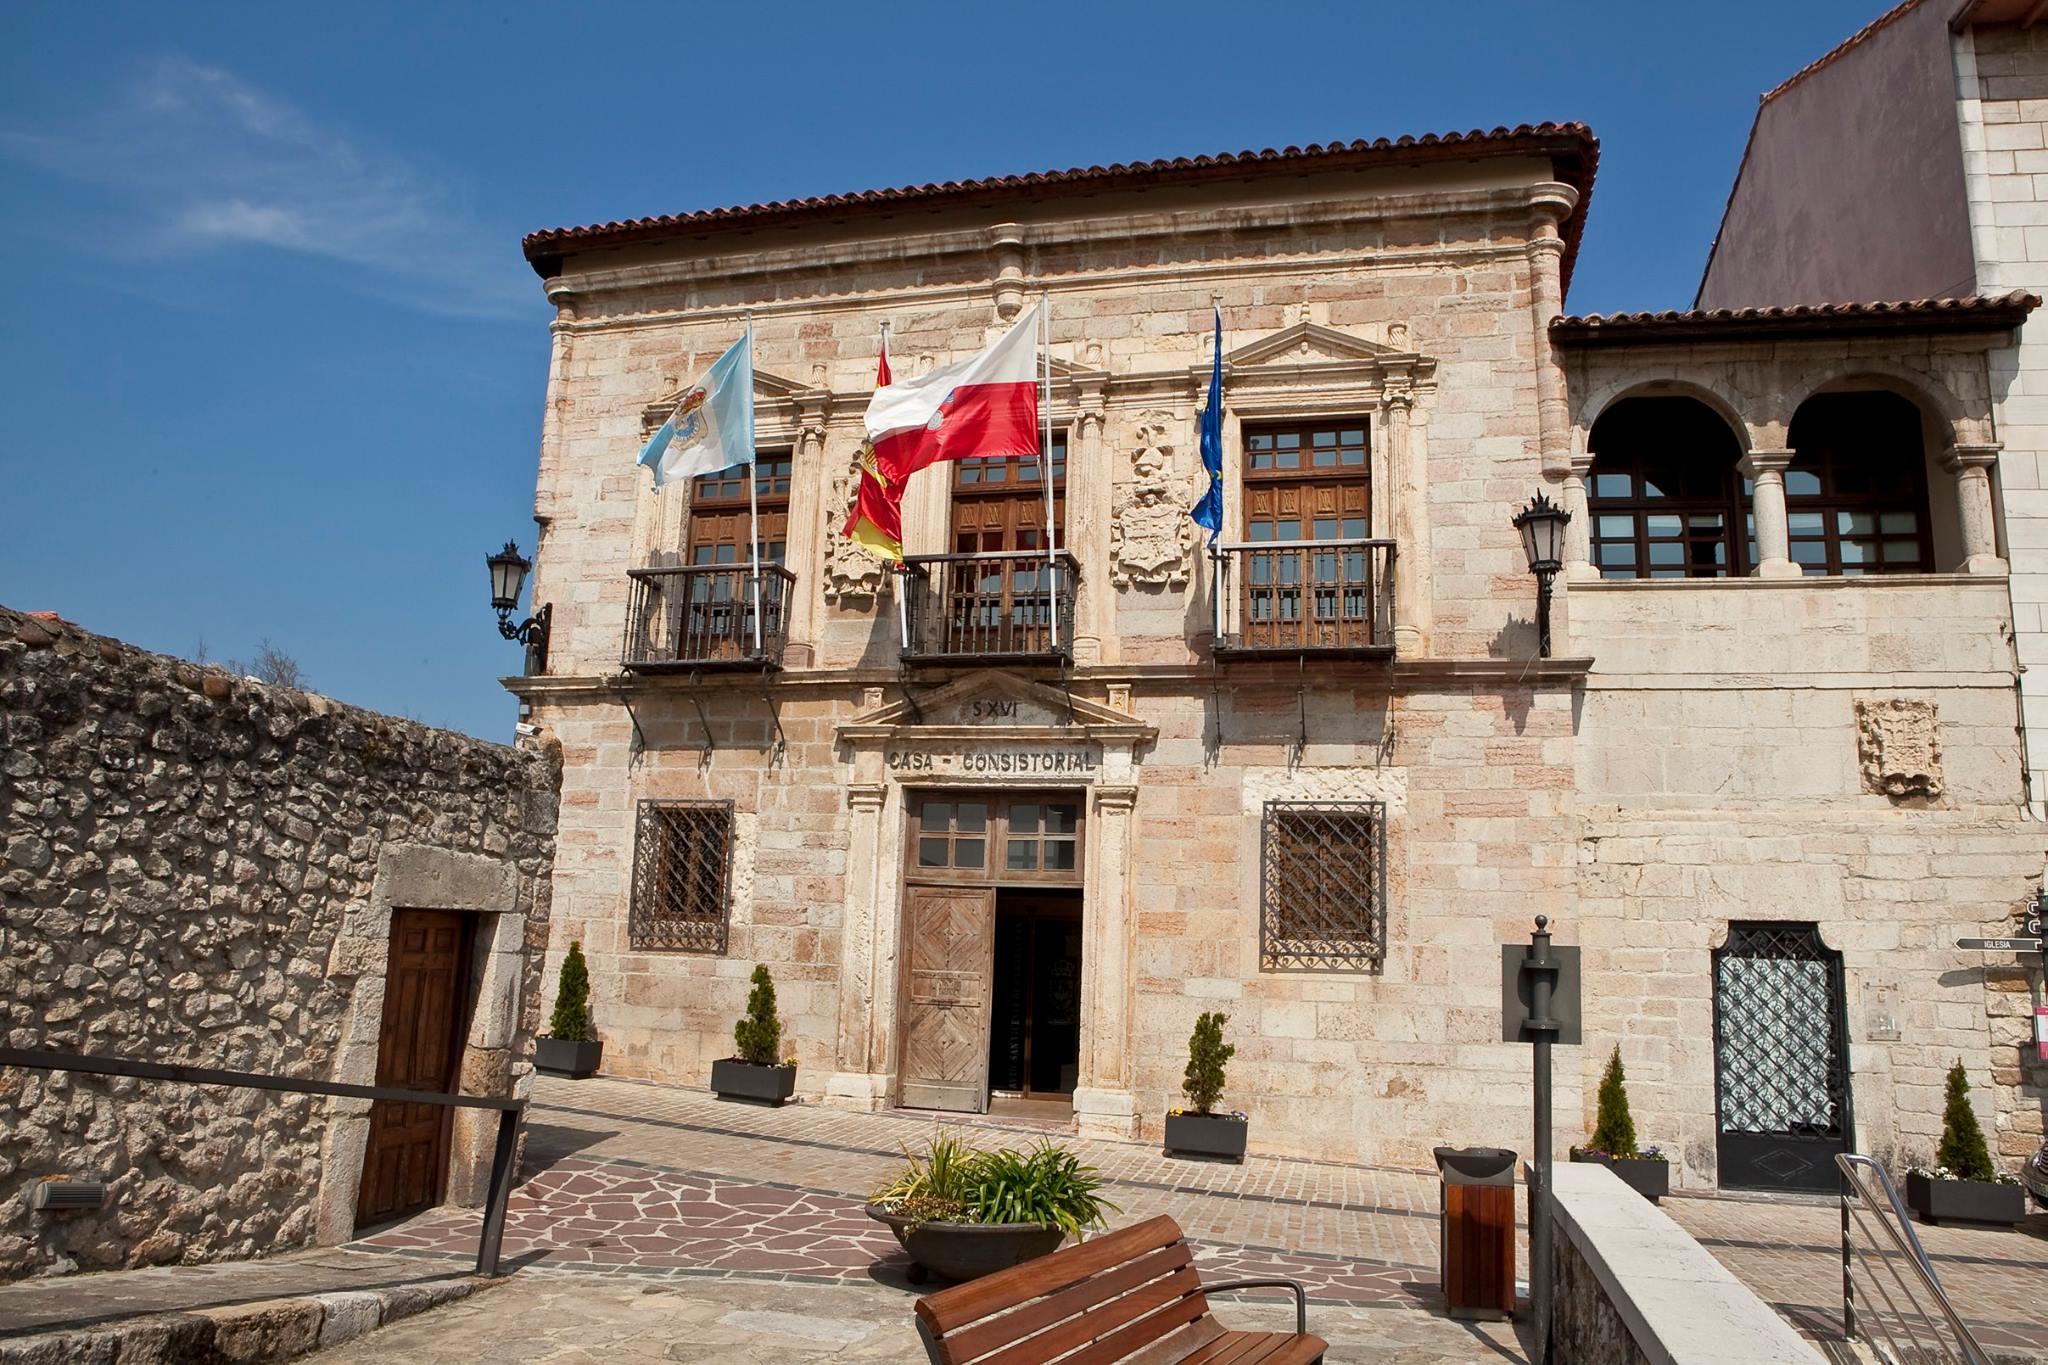 Monumentos portal de turismo - San vicente del palacio ...